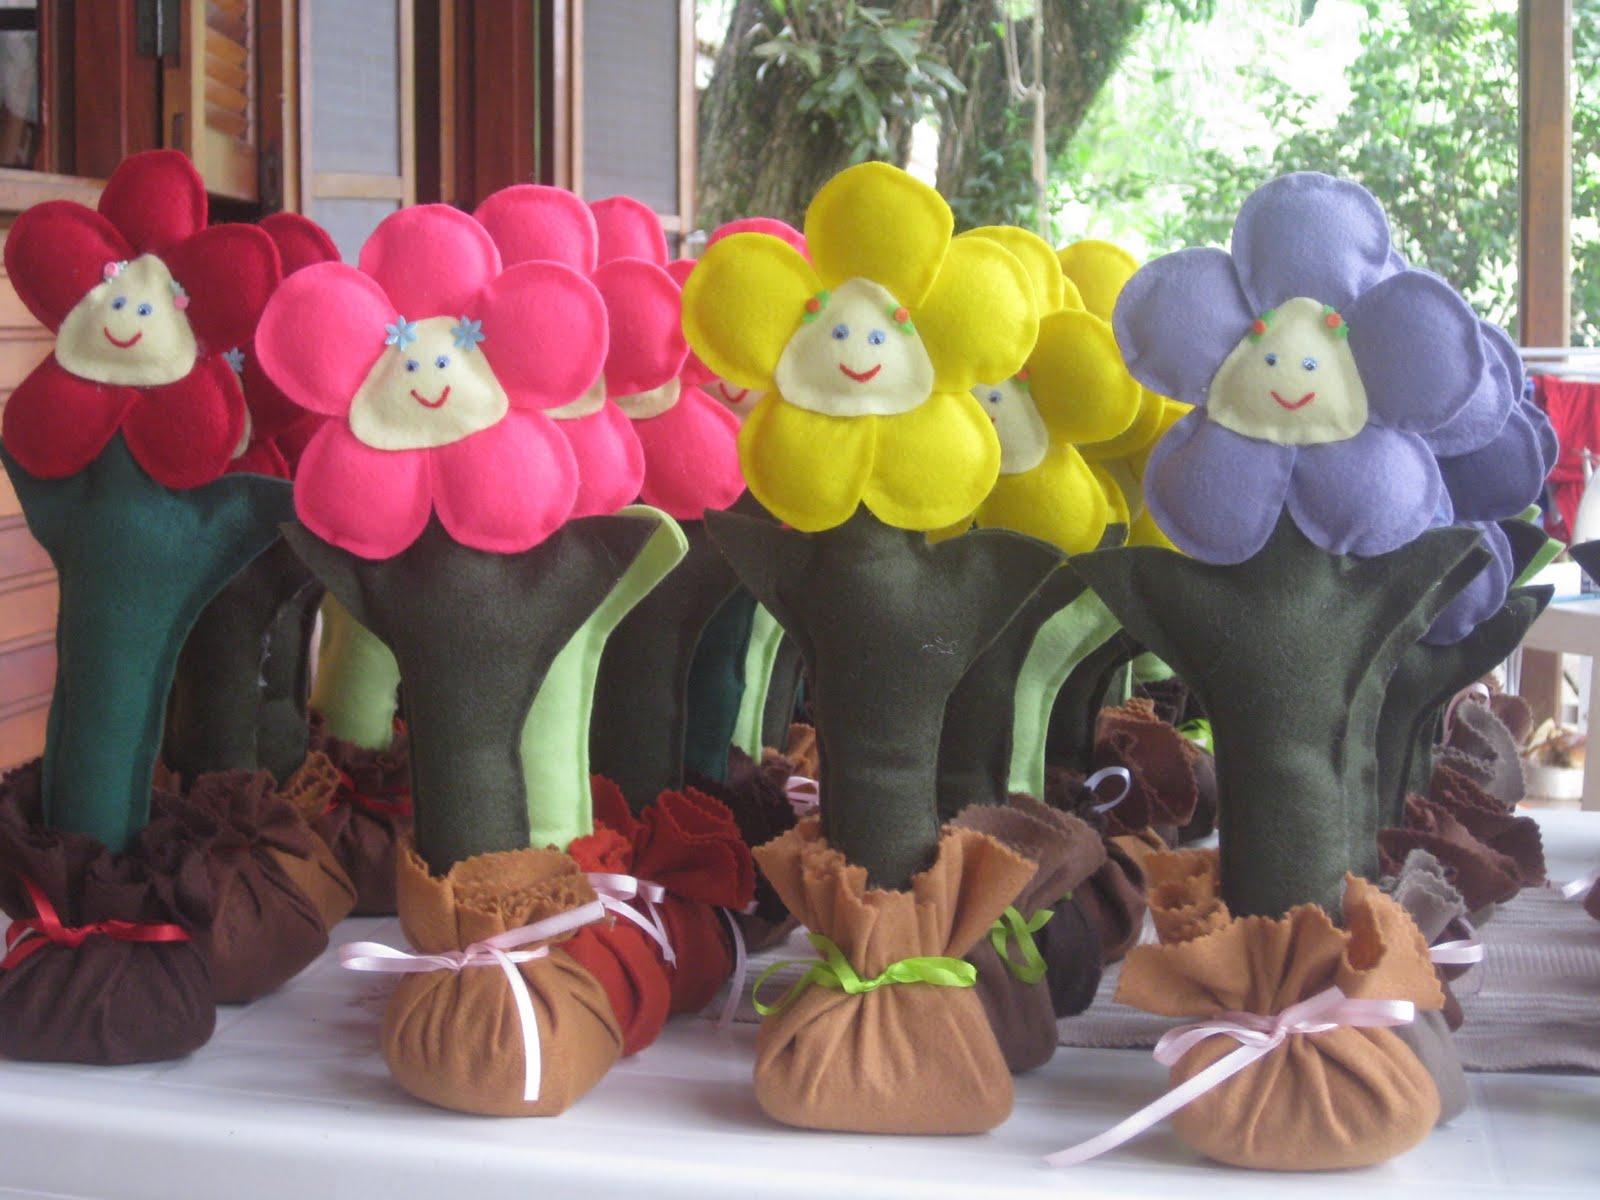 artesanato jardim encantado:Artesanatos em Feltro: Enfeite de mesa e lembrancinha jardim encantado